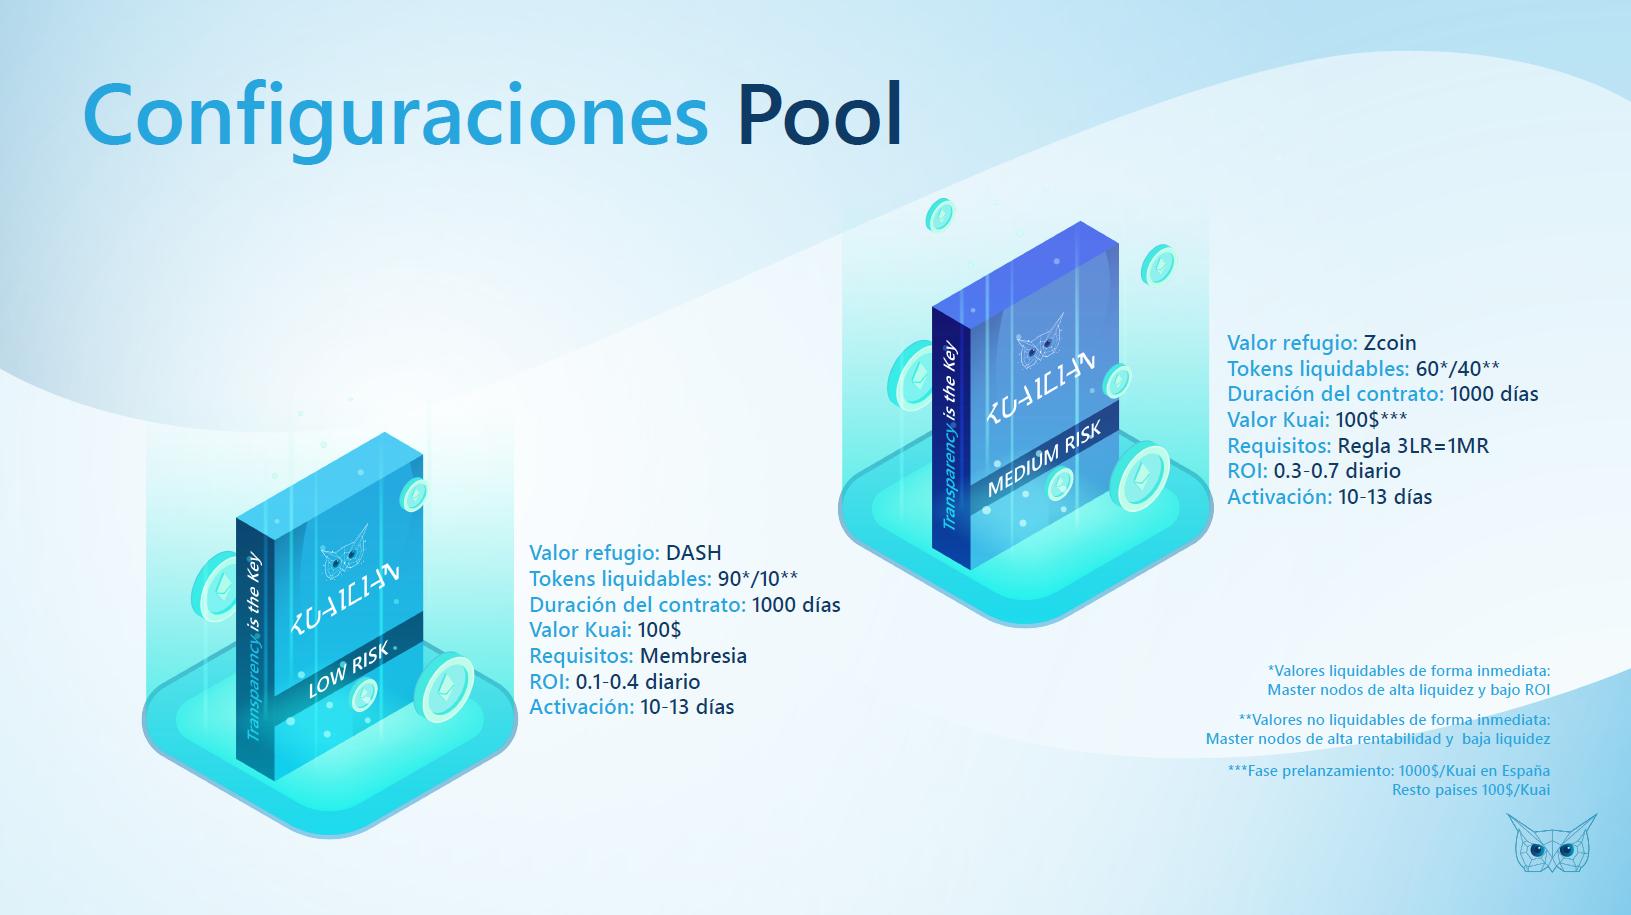 configuraciones pool.PNG